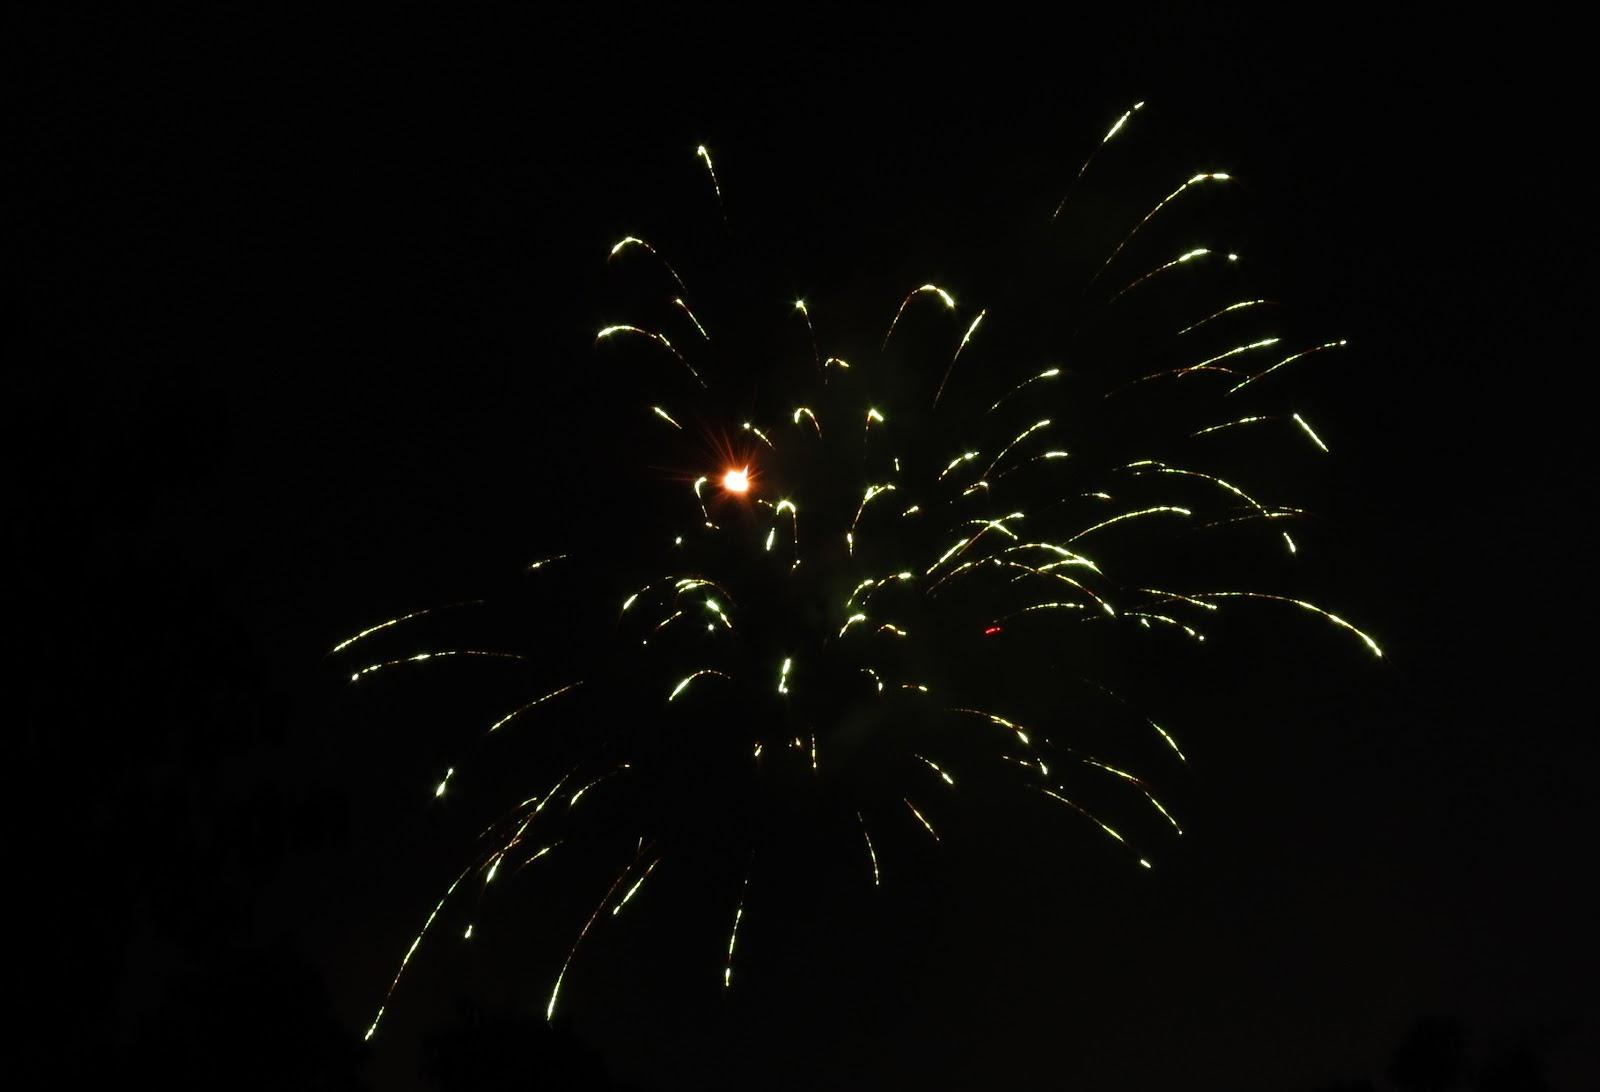 Colourful rocket fireworks for diwali